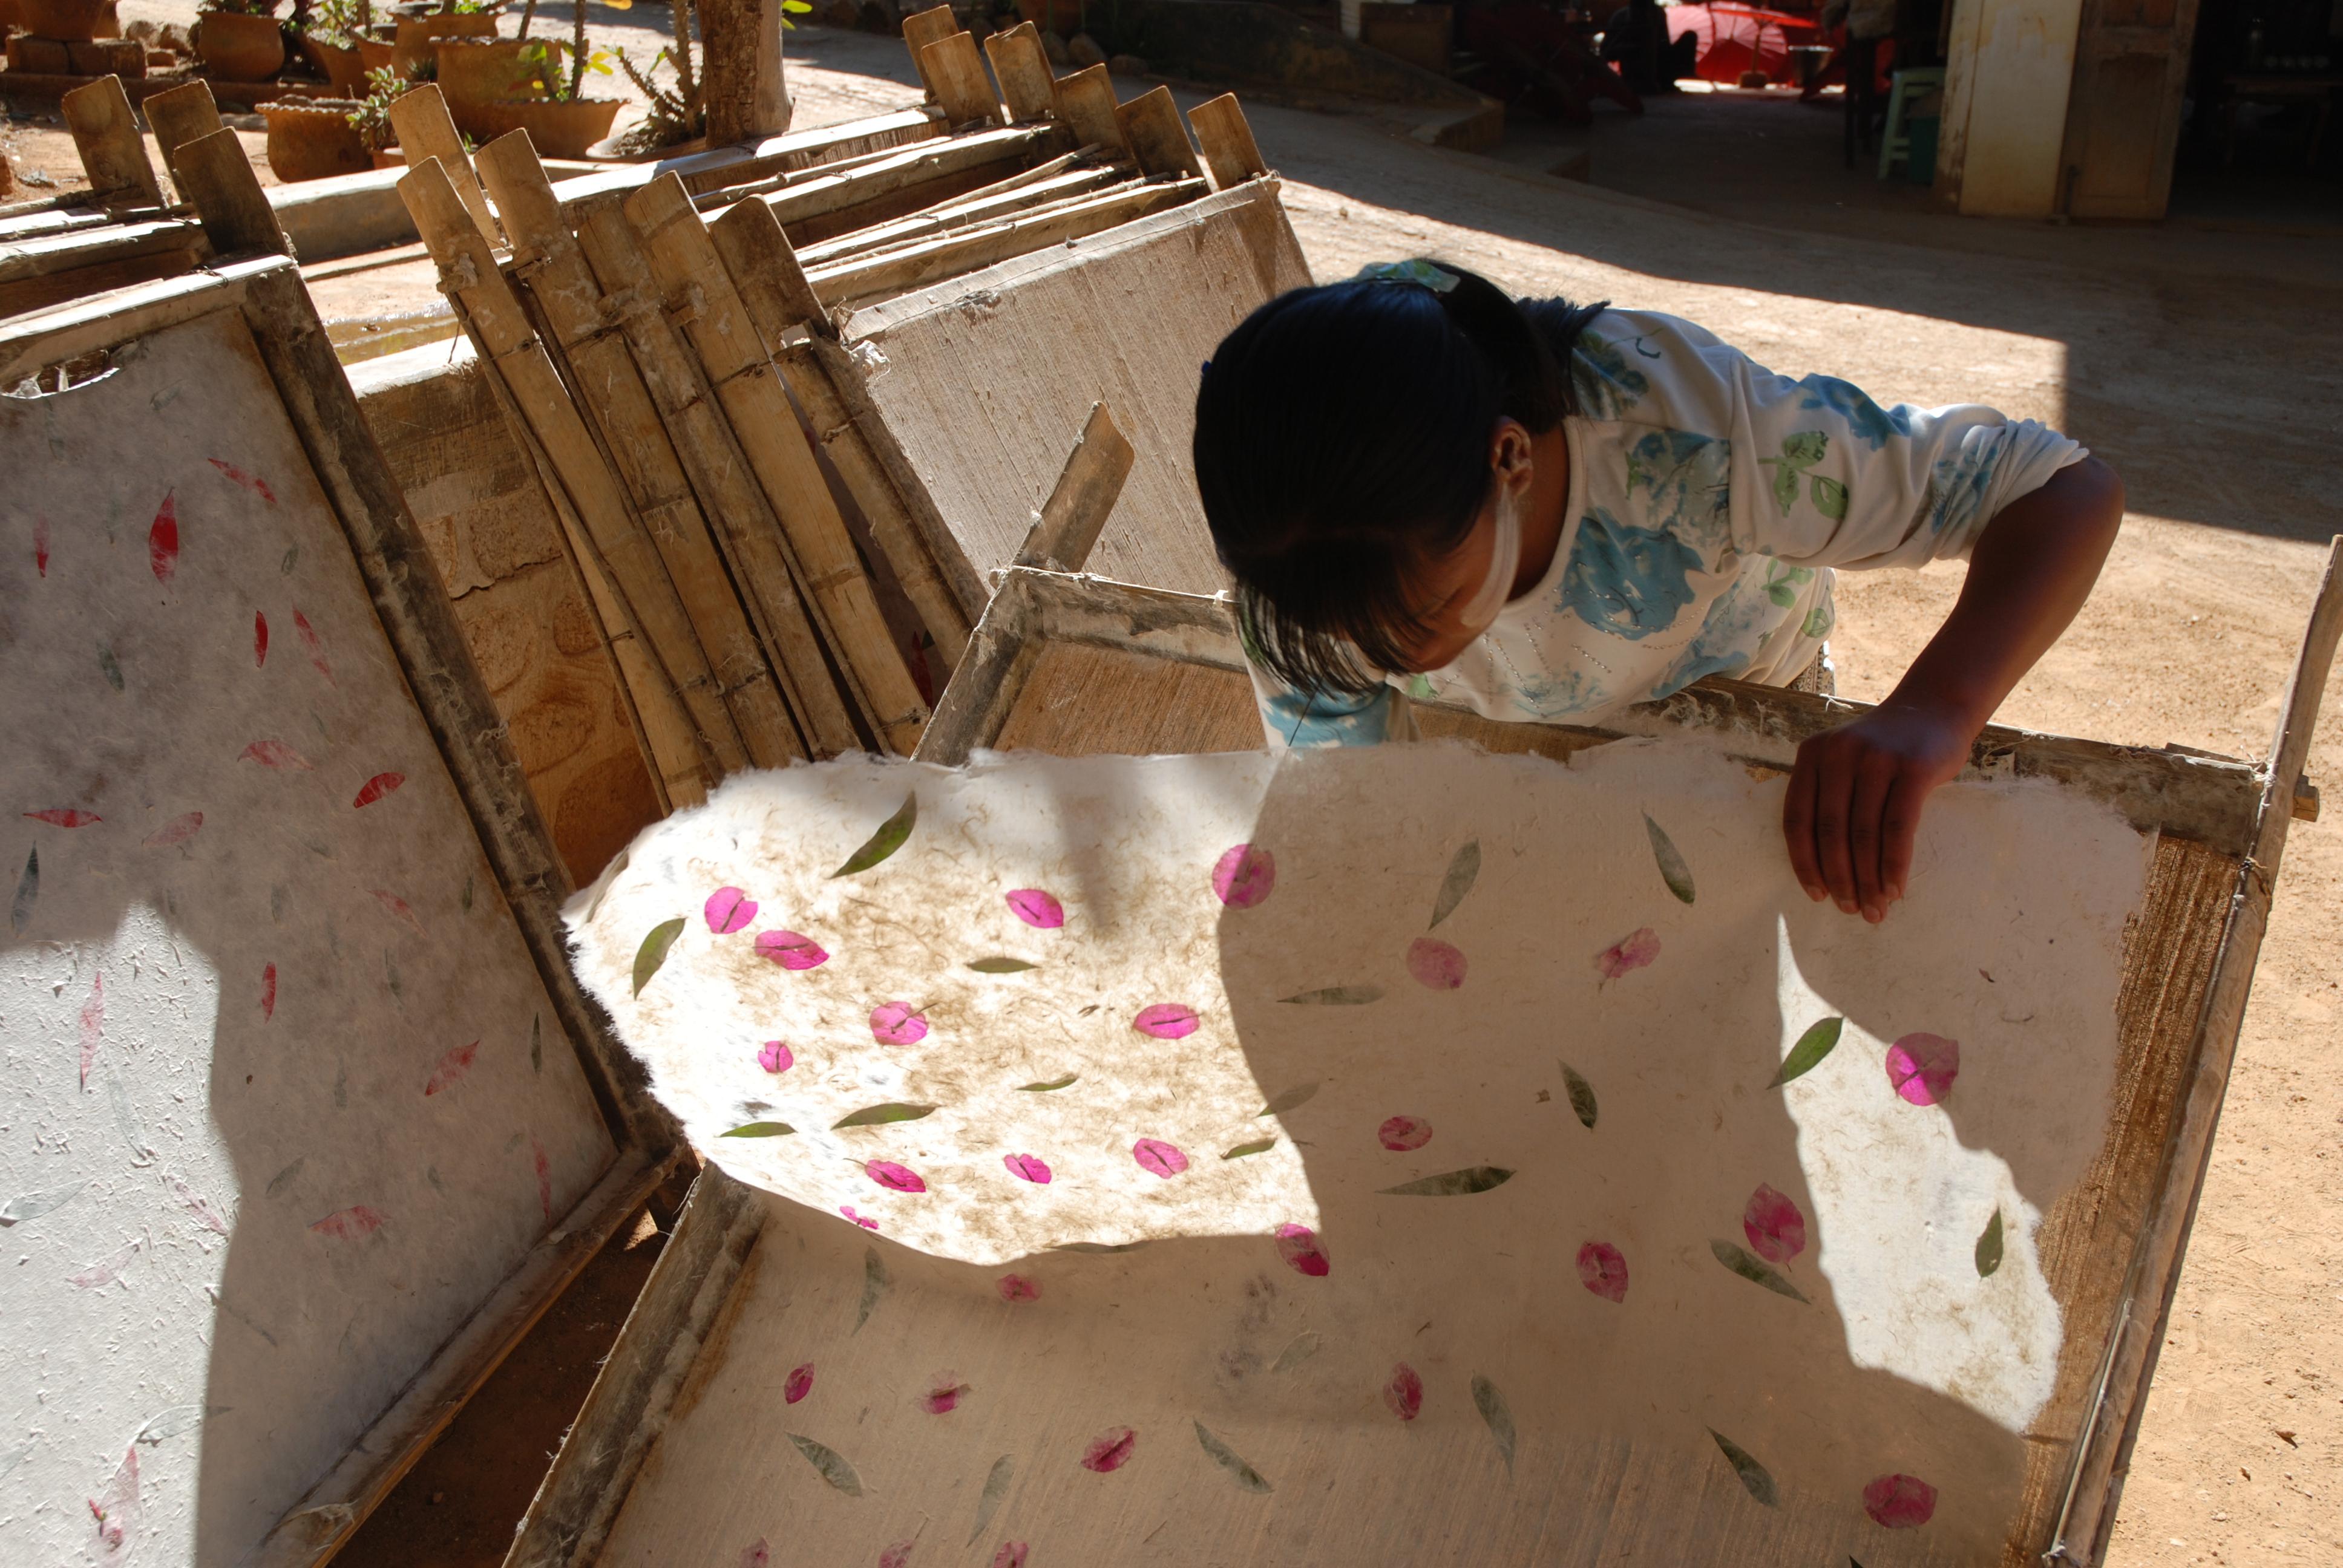 https://upload.wikimedia.org/wikipedia/commons/a/ae/Paper_making_Burma_5.jpg